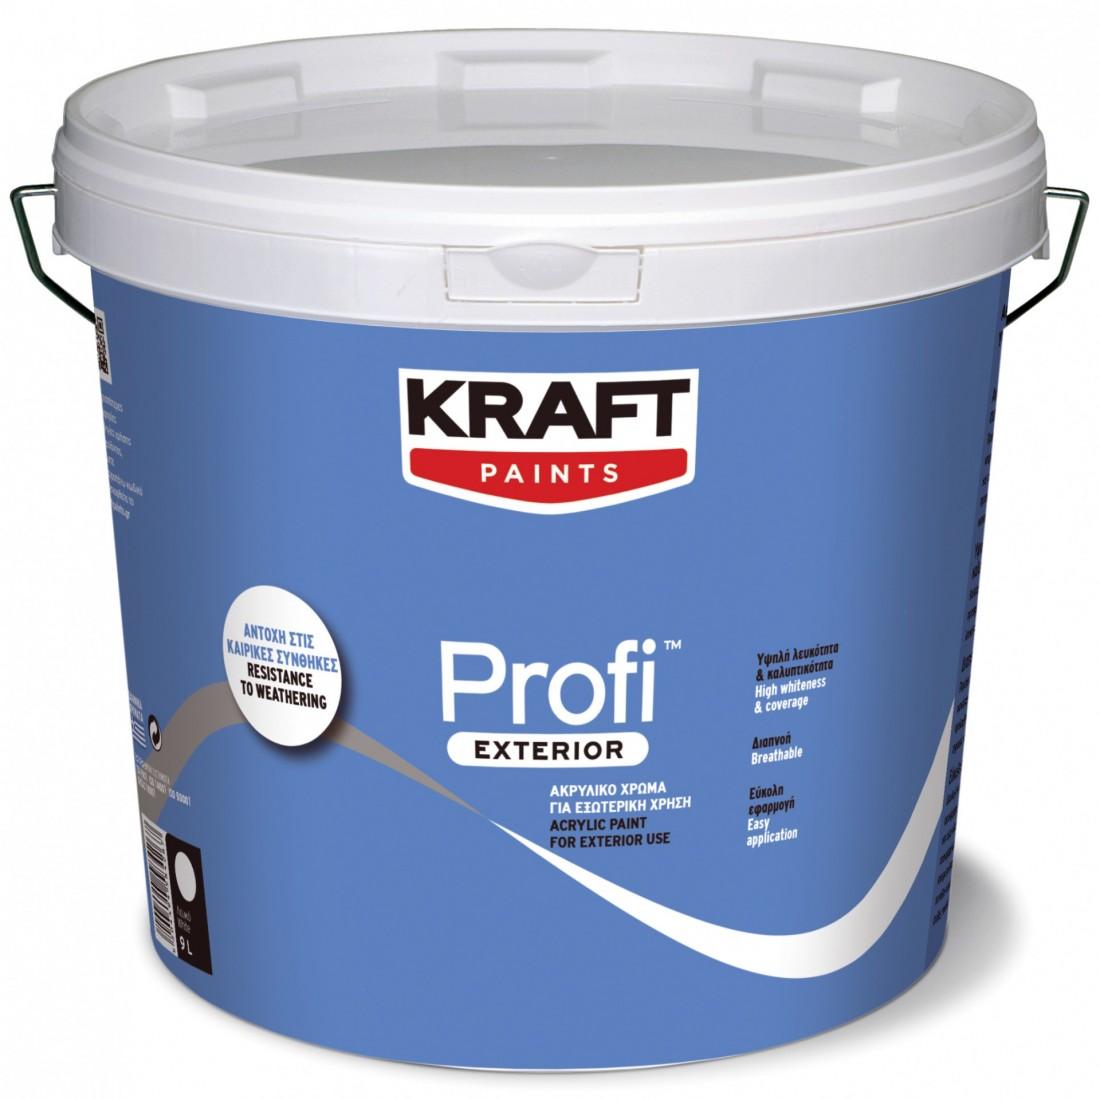 PROFI-EXTERIOR-9Lt_-1100x1100